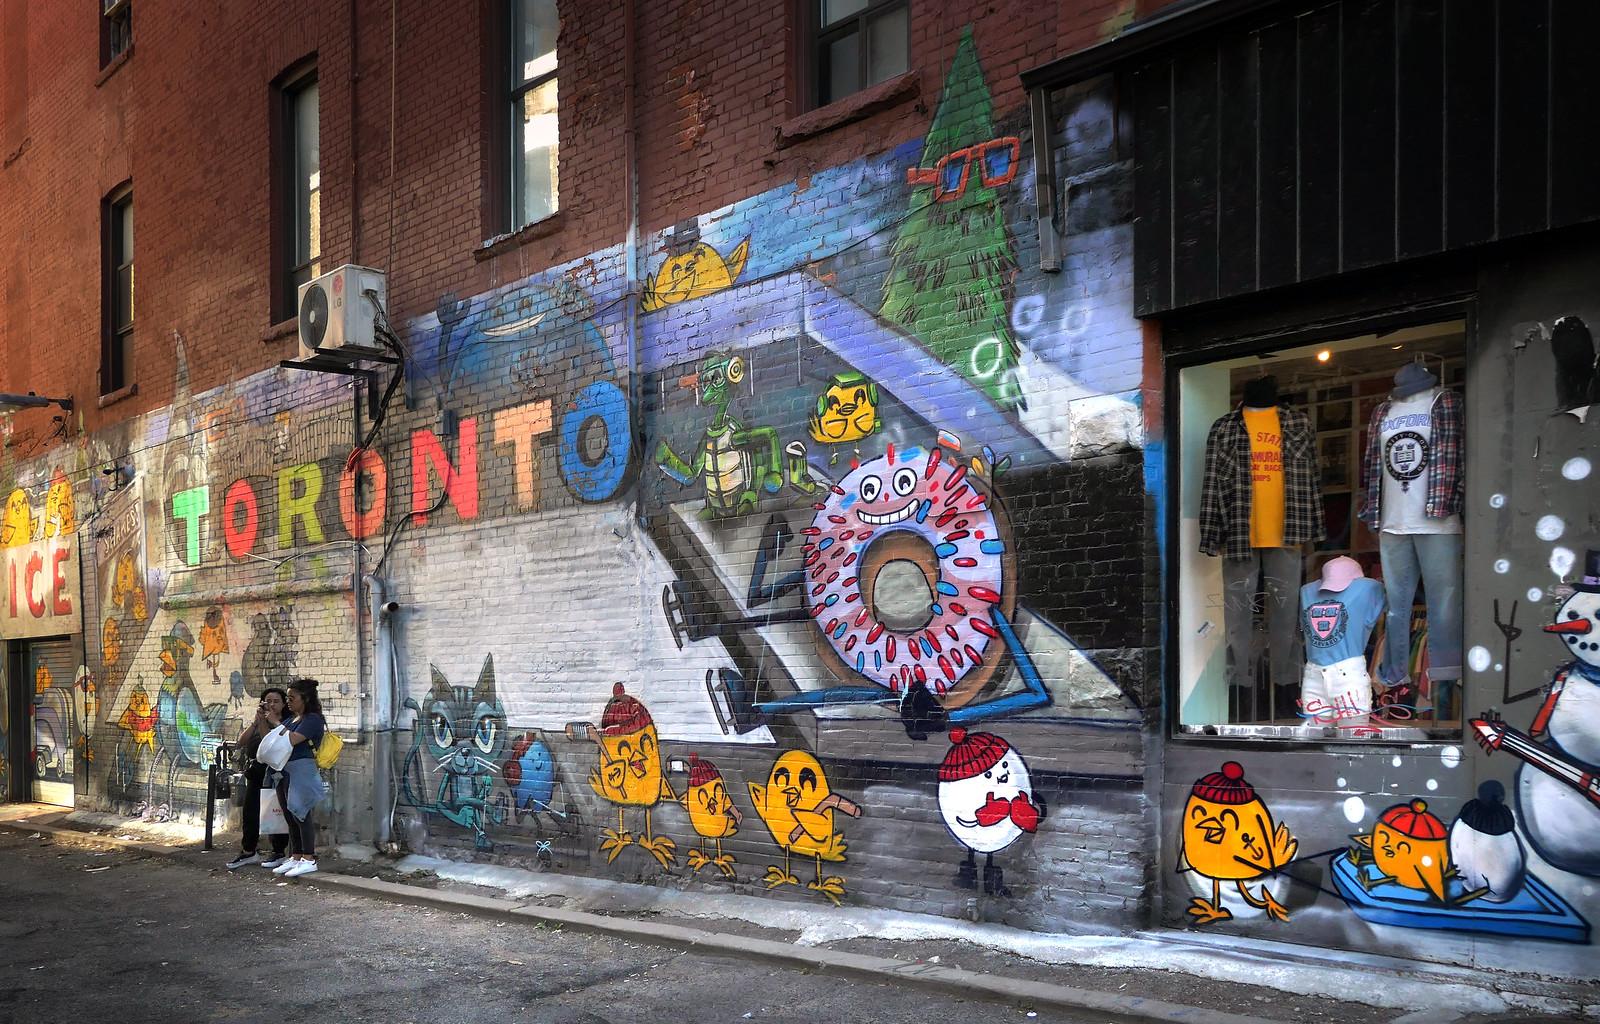 Toronto's Graffiti Alley: